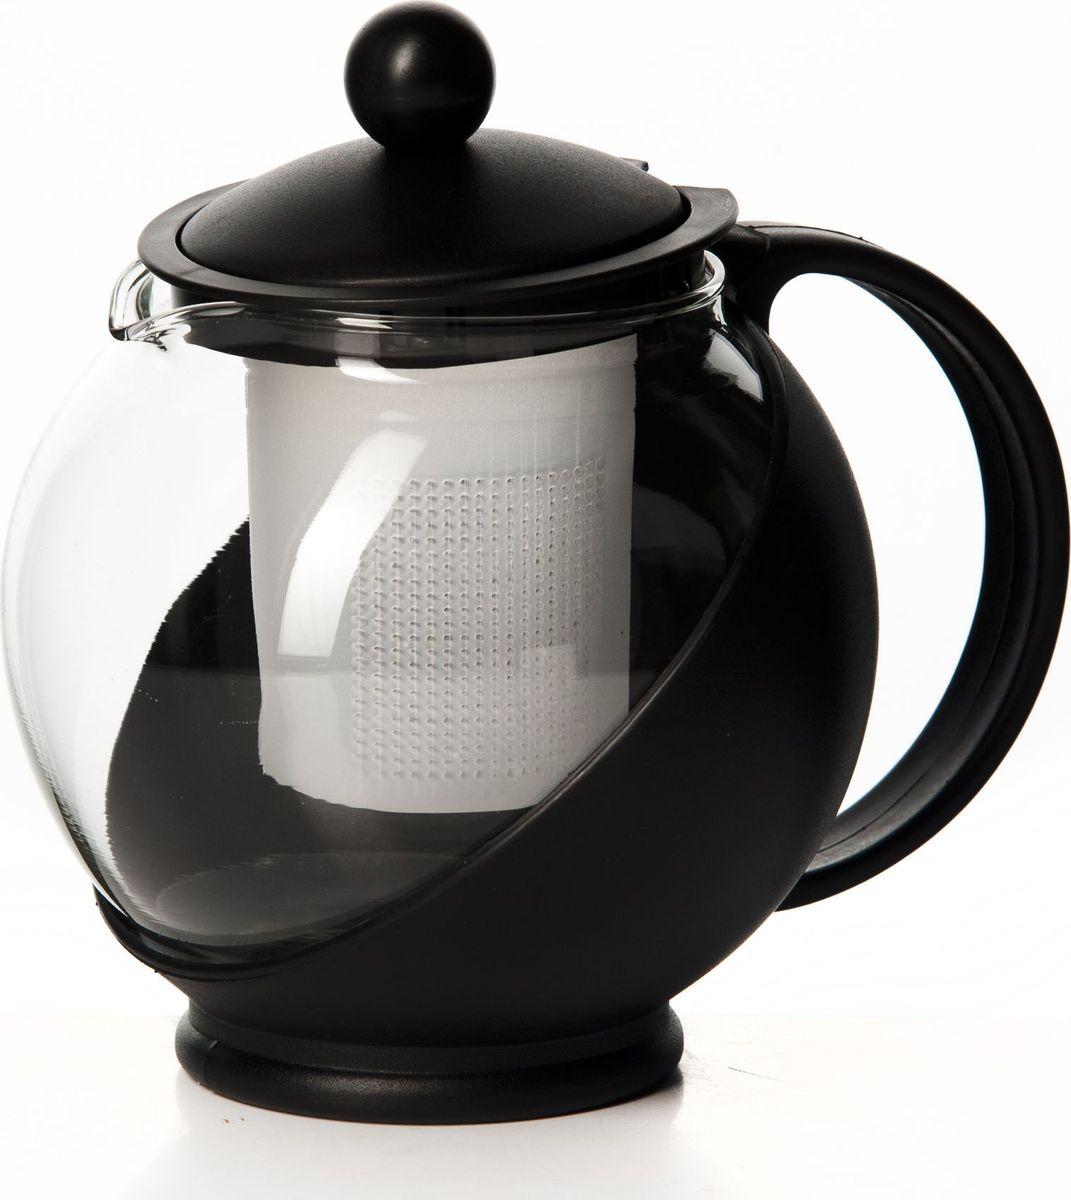 Чайник заварочный Gotoff, цвет: черный, 750 мл. XY-751PCM000001328Чайник 750 мл круглый 16*14 см